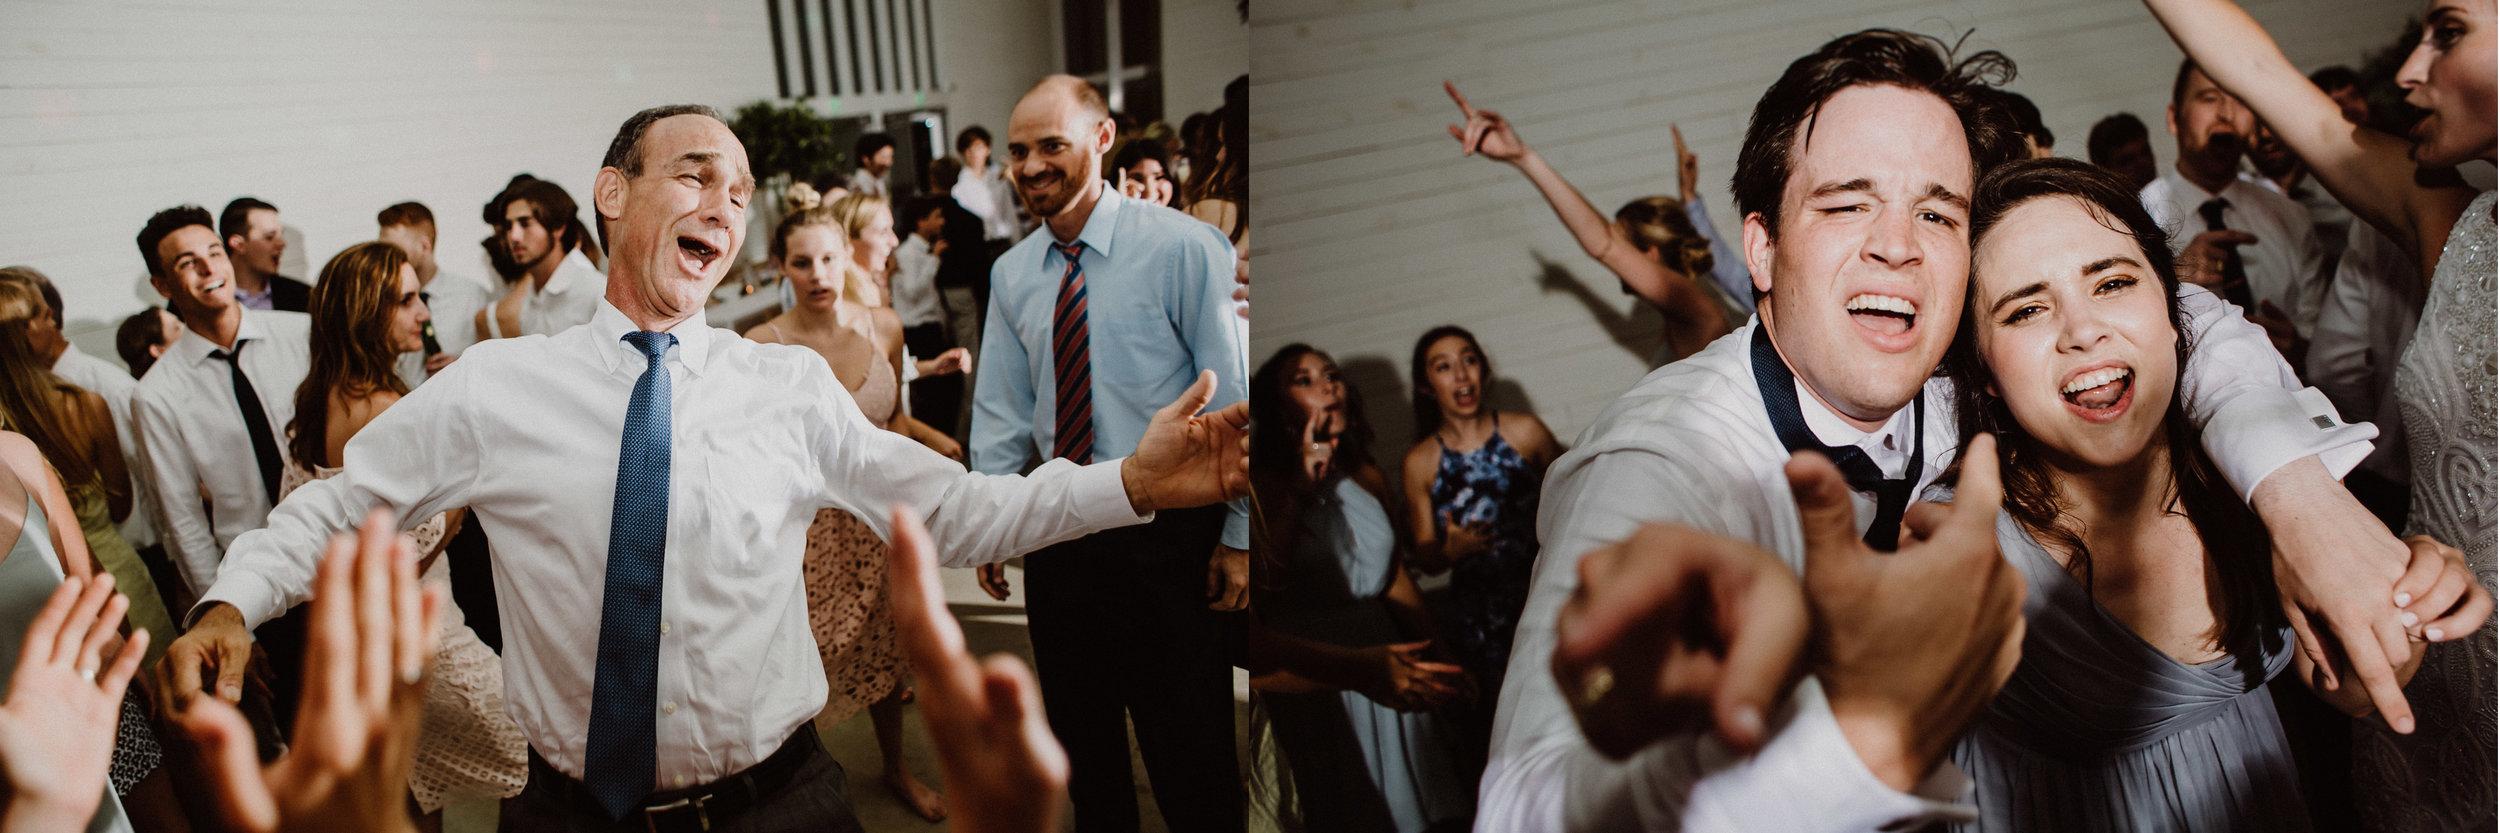 prospect-house-wedding-15jpg.jpg